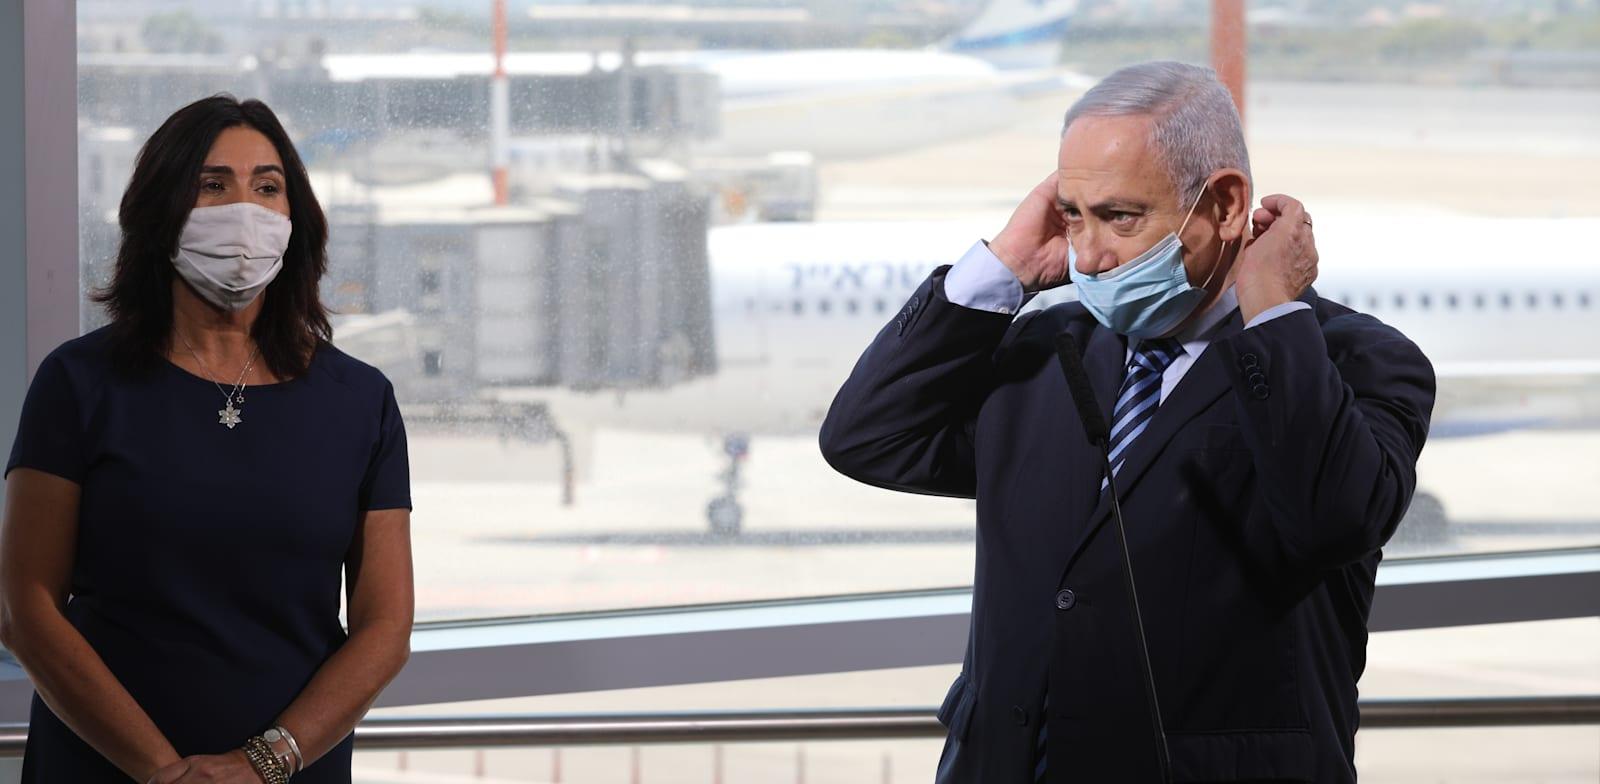 """ראש הממשלה ושרת התחבורה בנתב""""ג / צילום: אמיל סלמן-הארץ"""